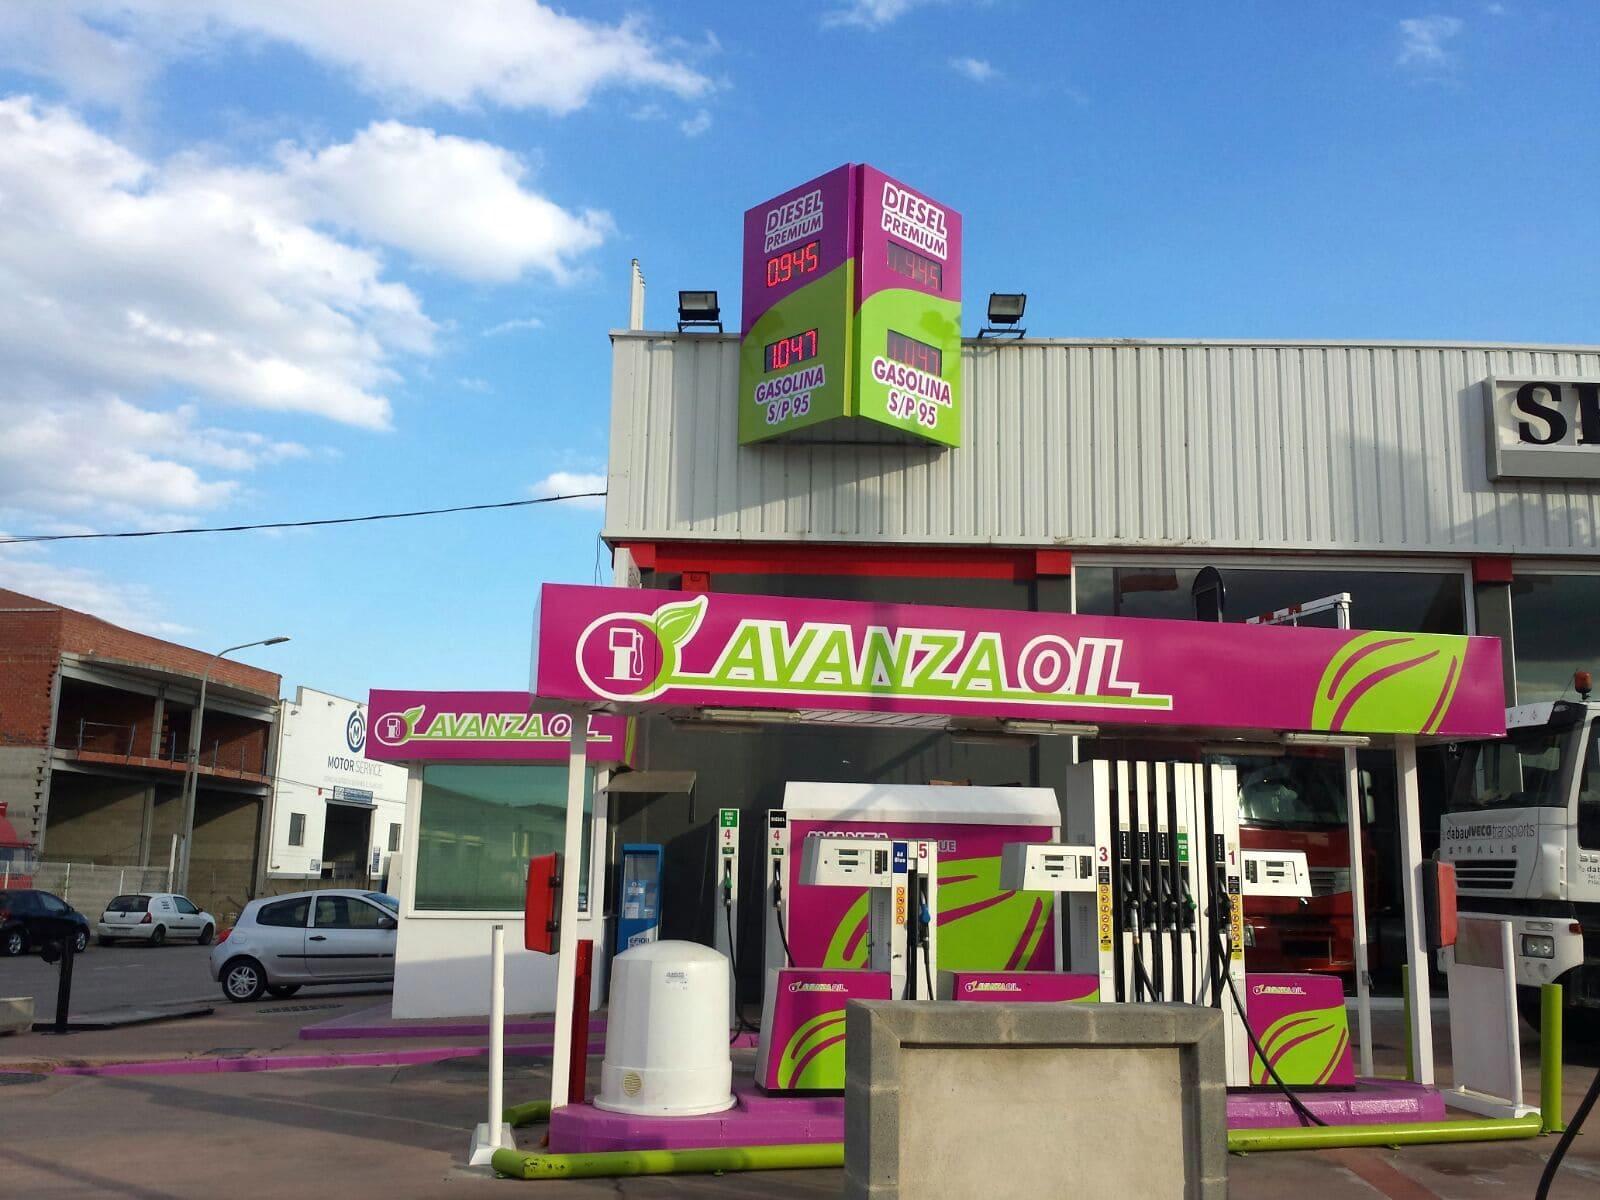 AVANZAOIL3 - AVANZAOIL3